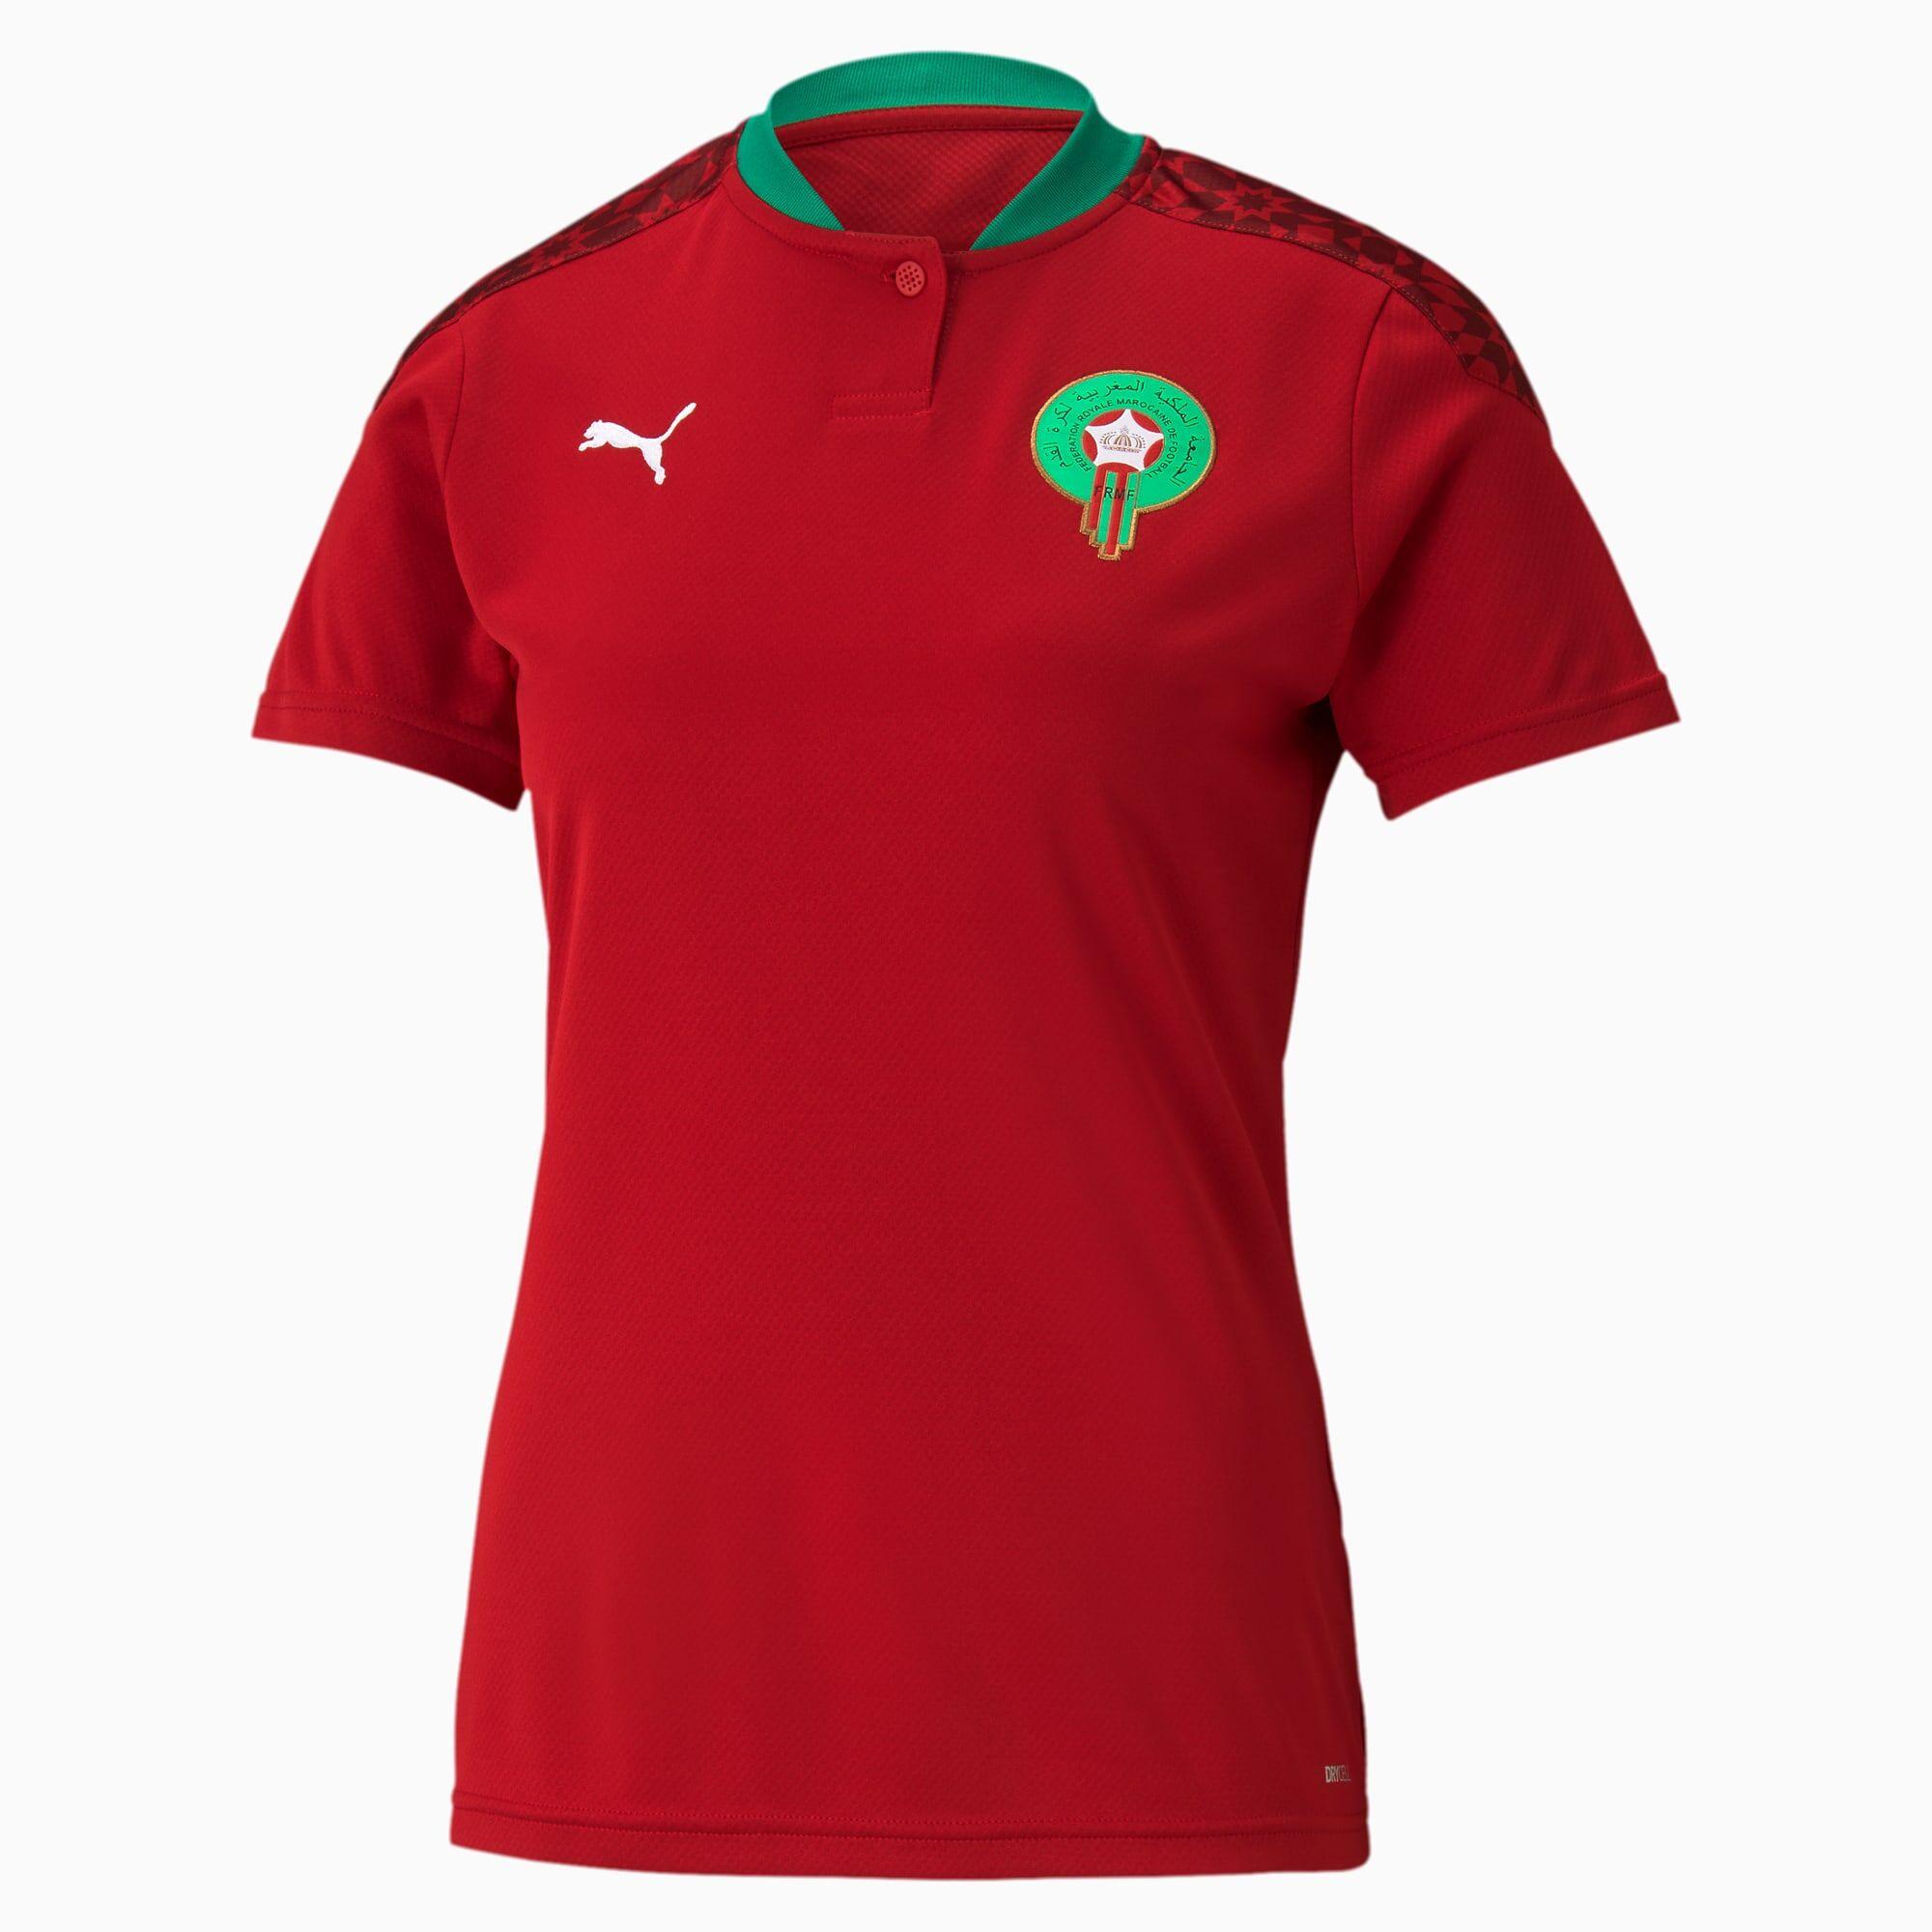 PUMA Maillot domicile Maroc Replica, Rouge/Blanc, Taille XS, Vêtements